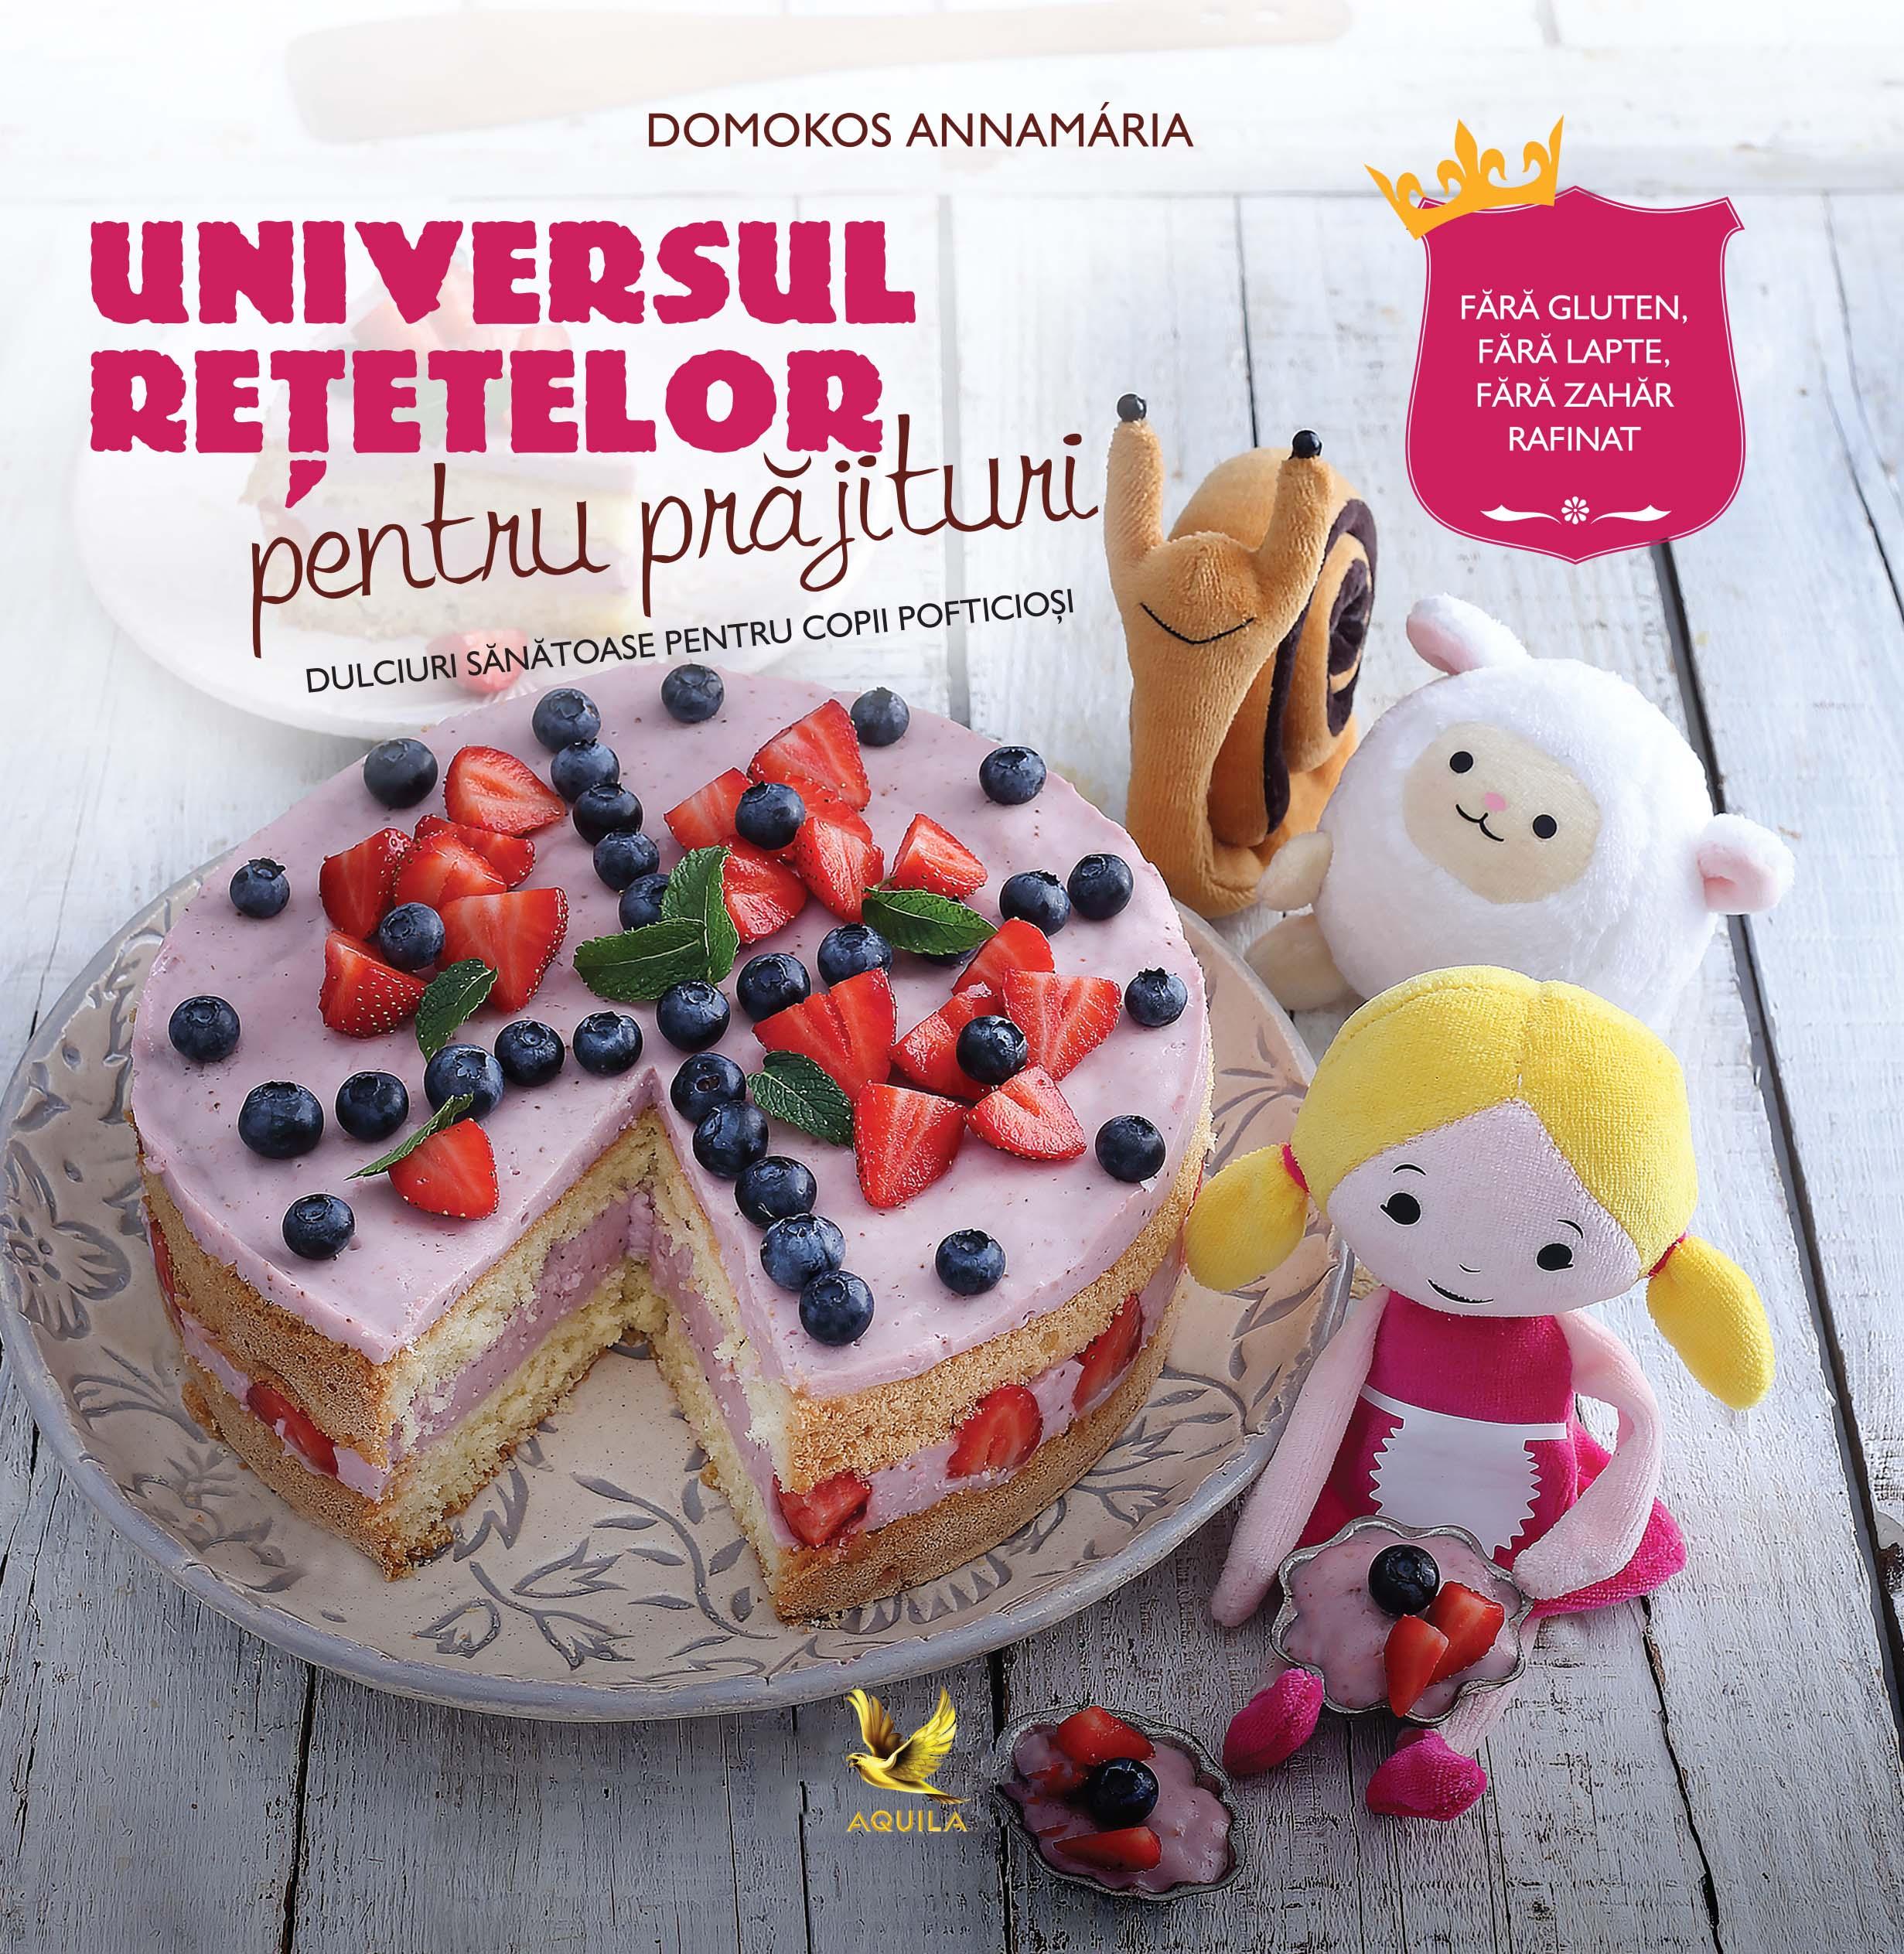 Universul Retetelor Pentru Prajituri - Dulciuri Sanatoase Pentru Copii Pofticiosi | Domokos Annamaria